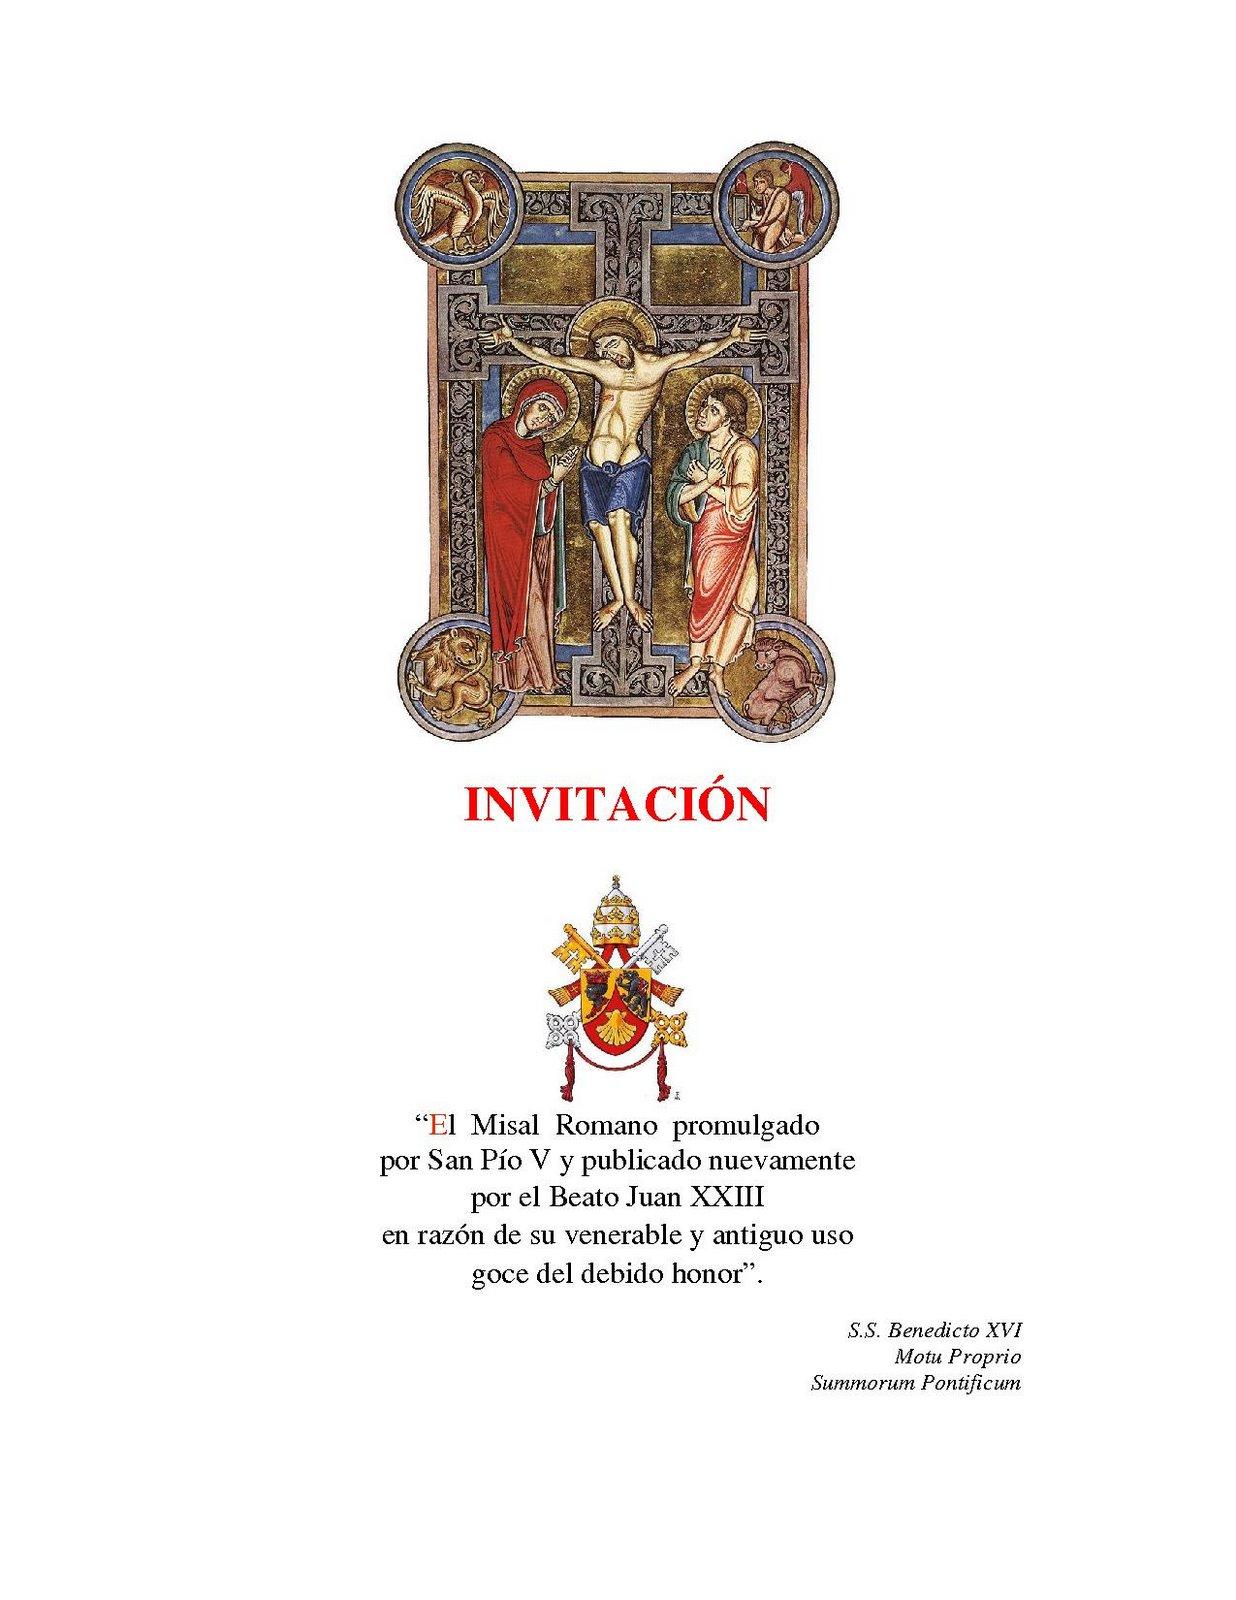 La Pasion - Festividades marianas y litúrgicas del día I - Glorias